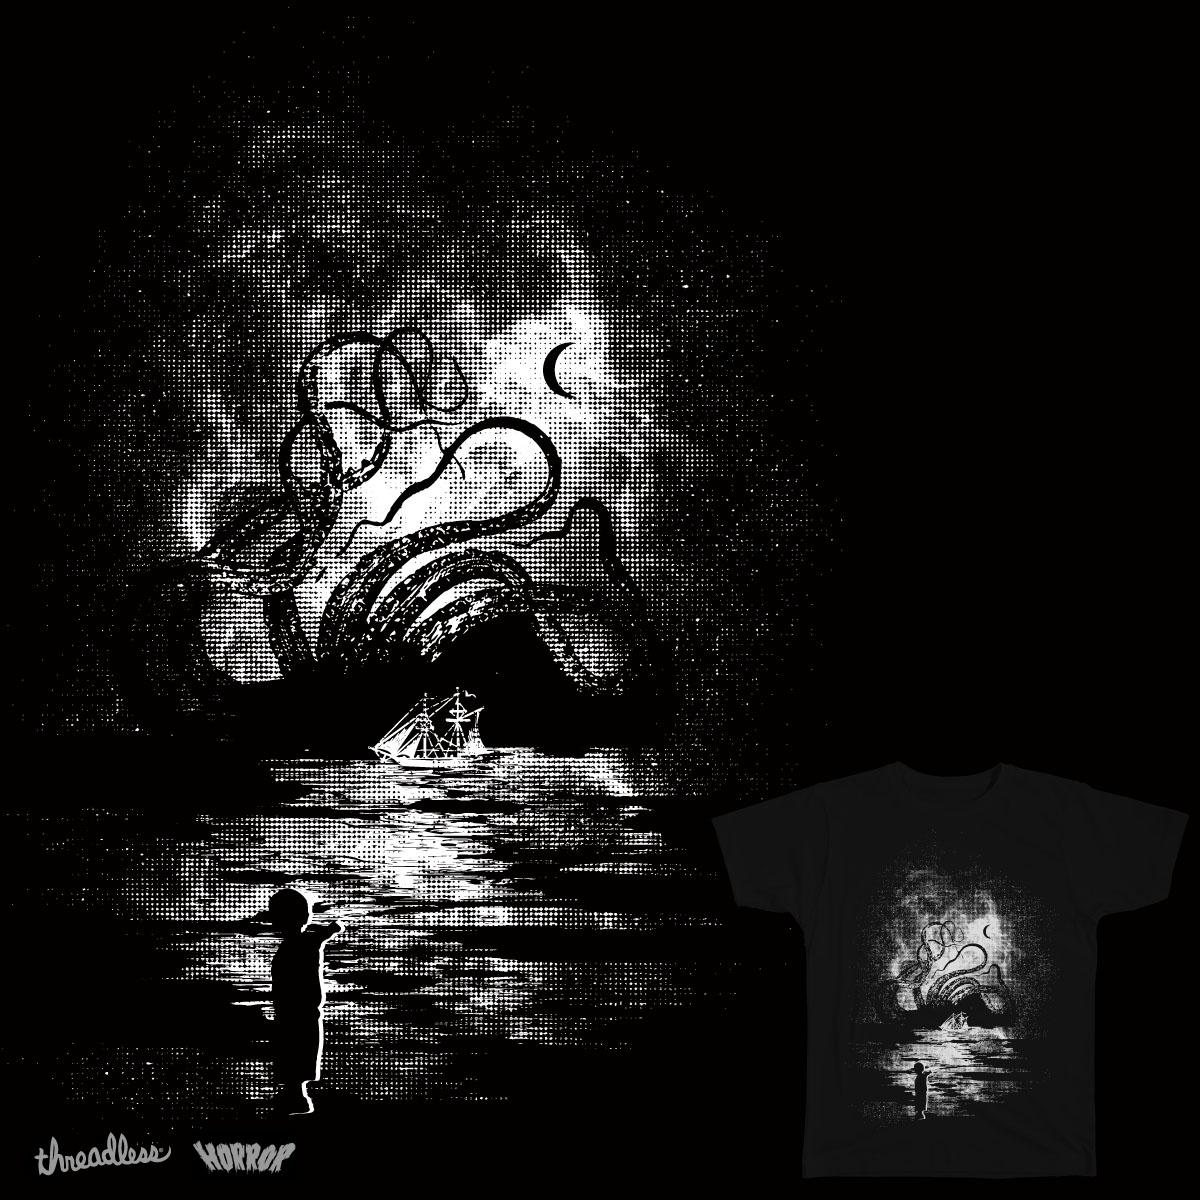 Kraken Carnage by daletheskater on Threadless